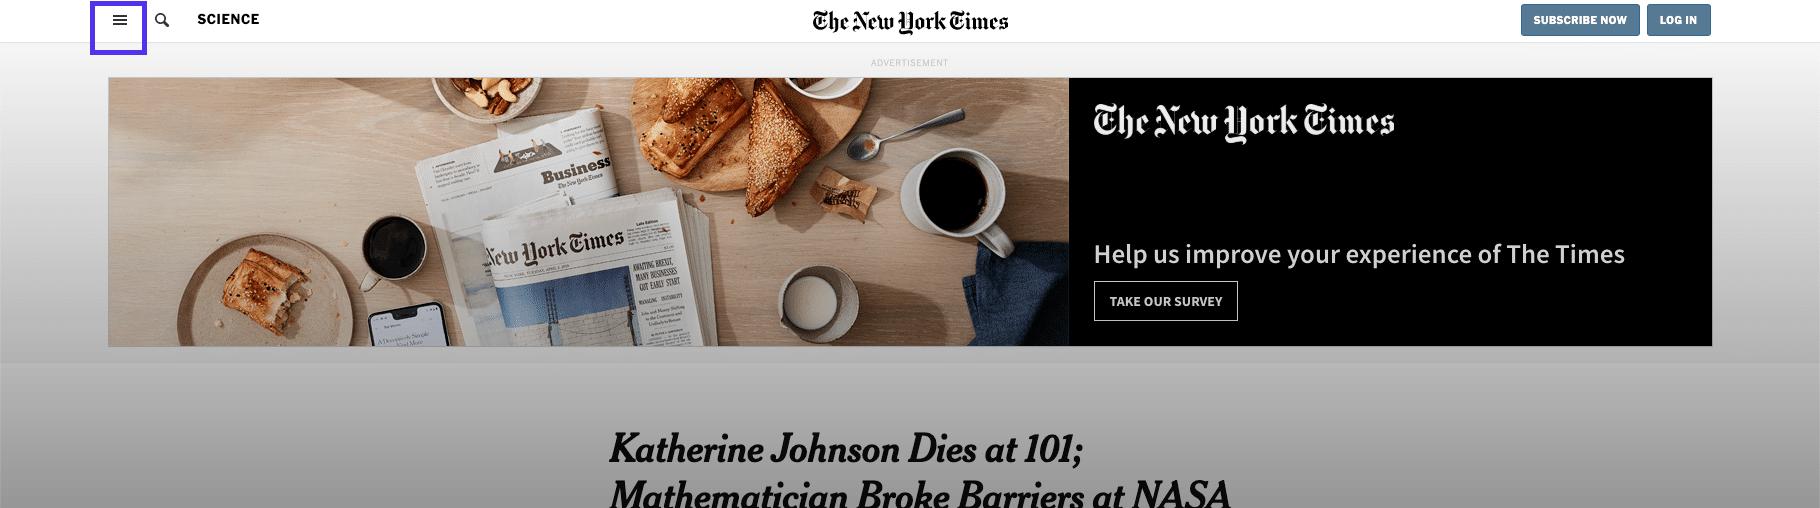 NYT artikel - headermenu